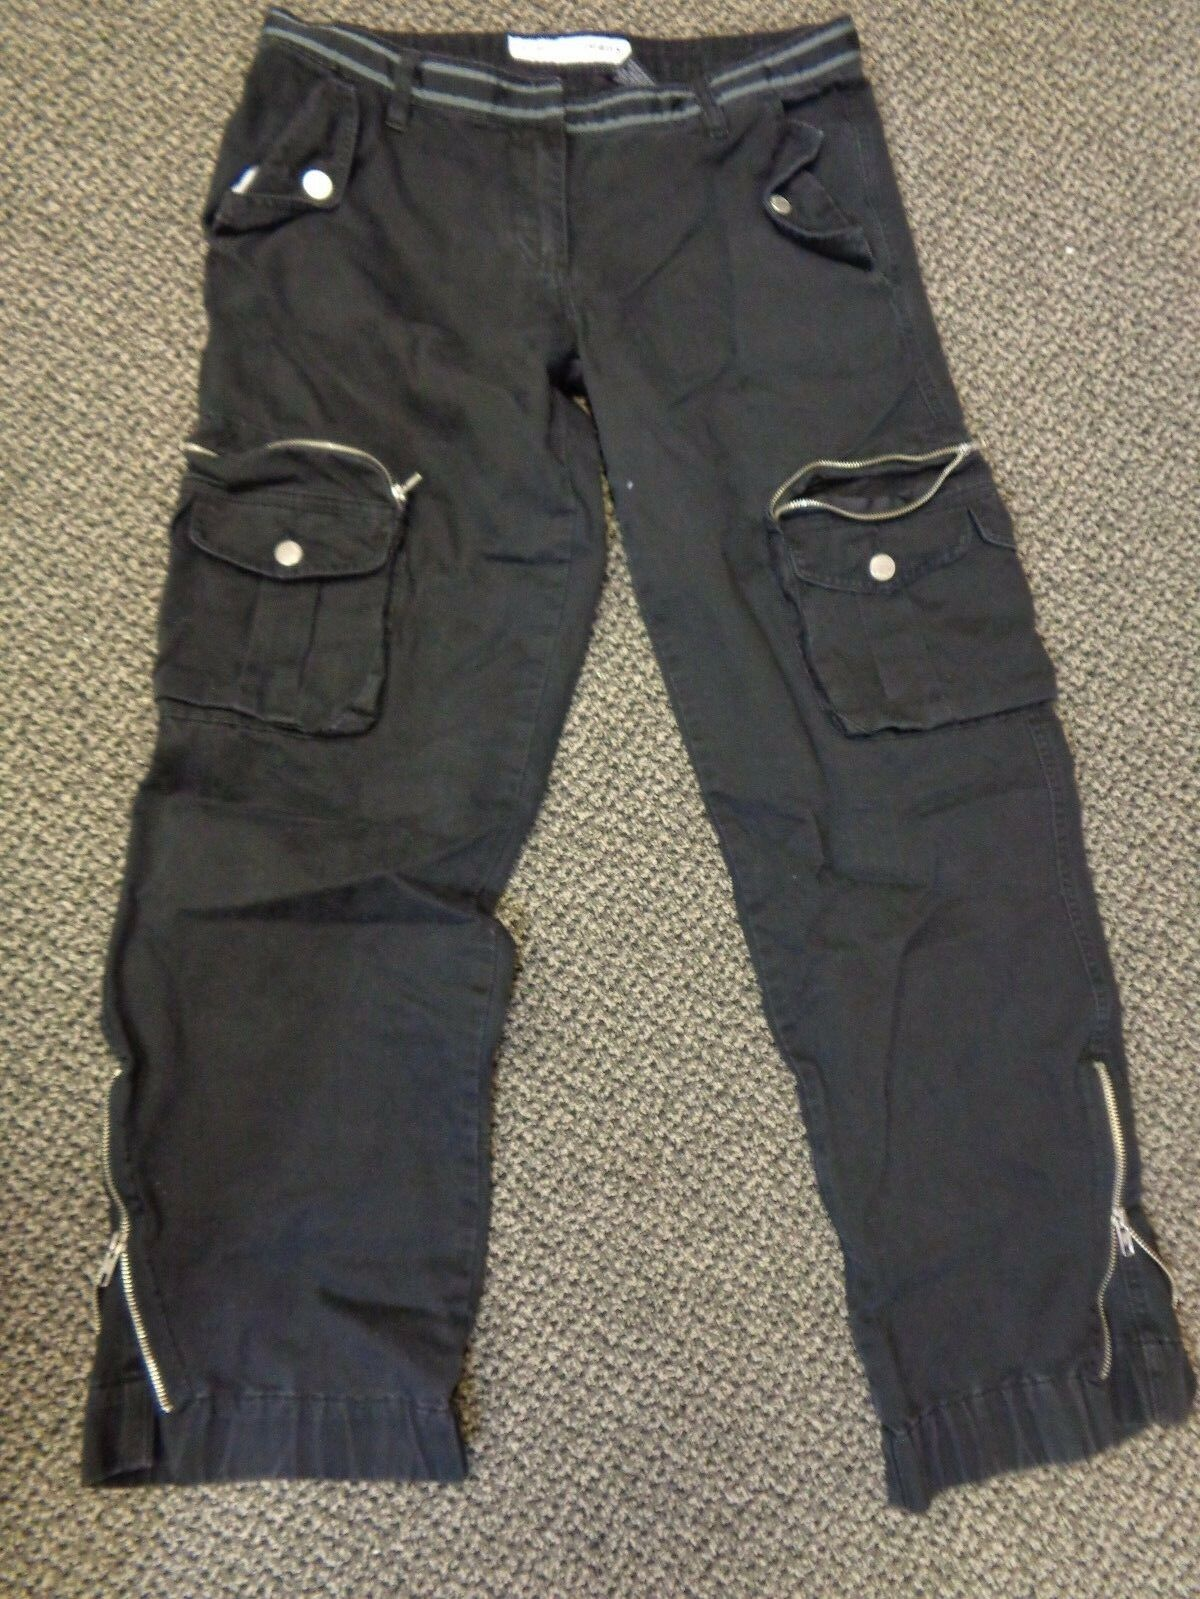 Vintage Youniquejeans Women's Jeans Size 11